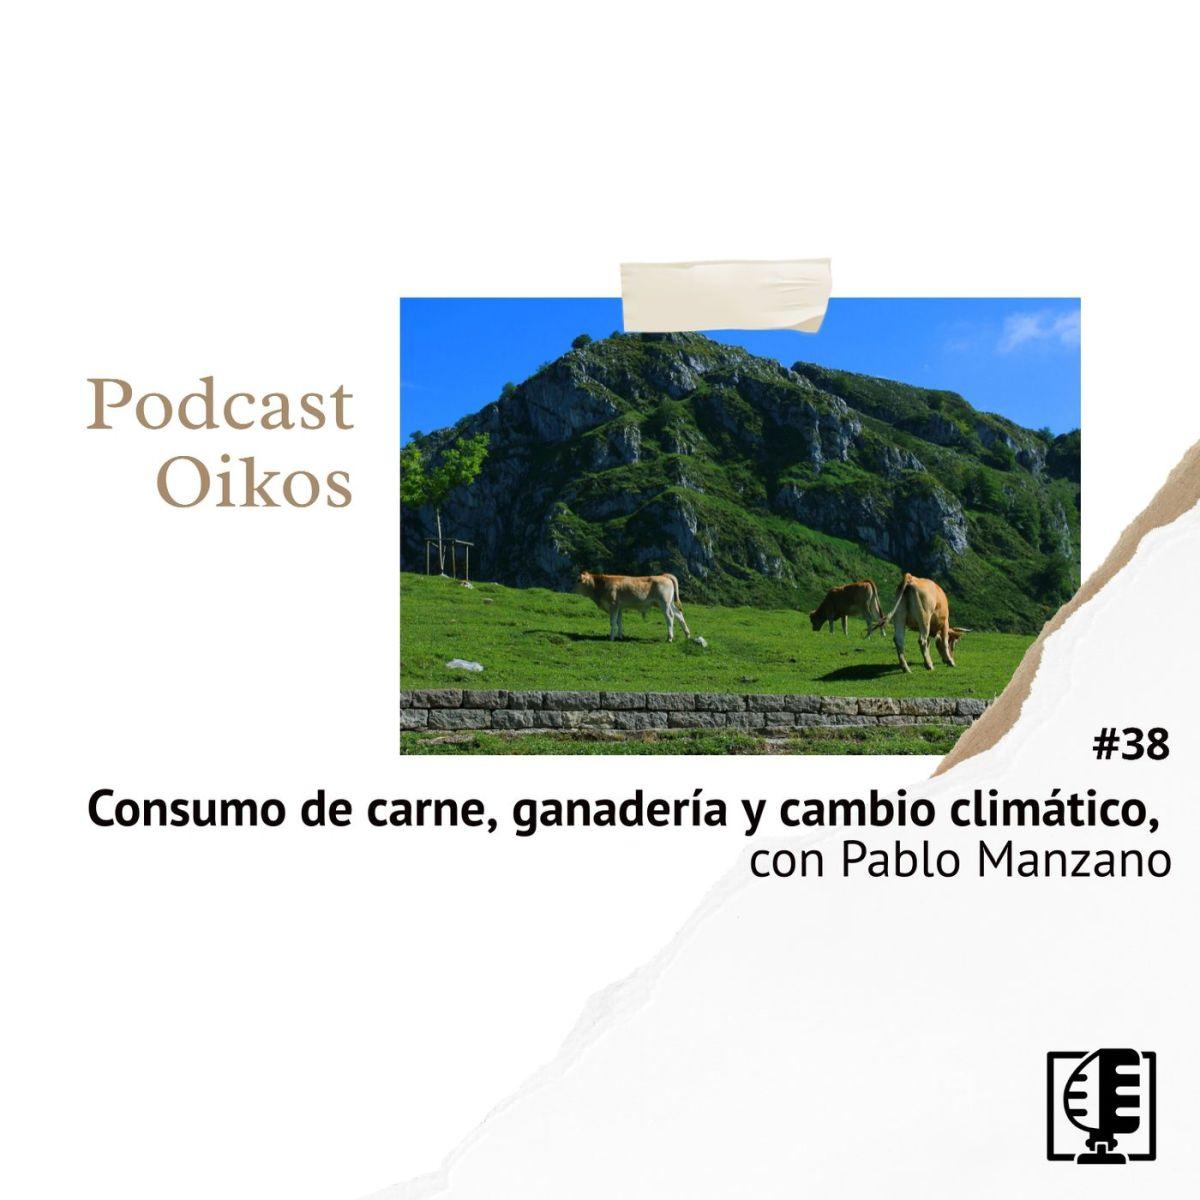 Consumo de carne, ganadería y cambio climático, con Pablo Manzano | Oikos #38